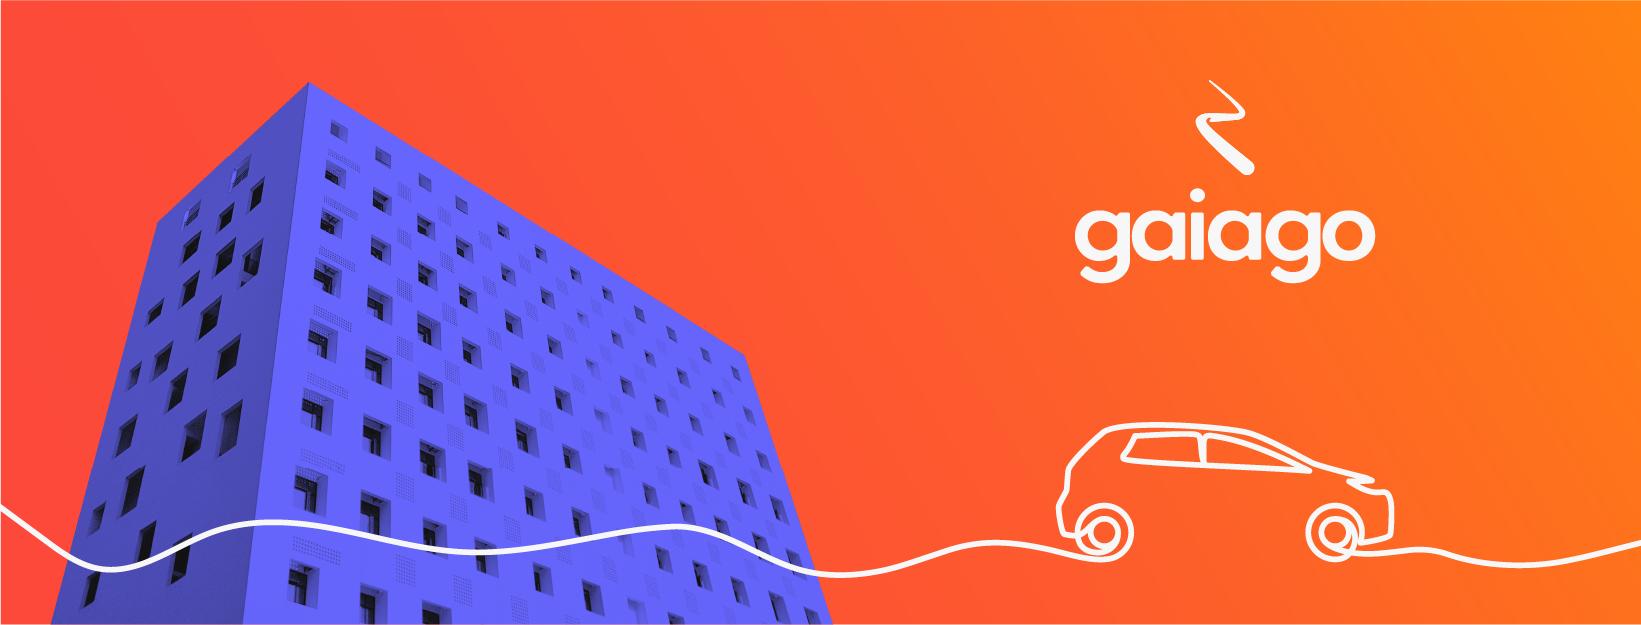 Ti presentiamo la nuova Brand Identity di GaiaGo